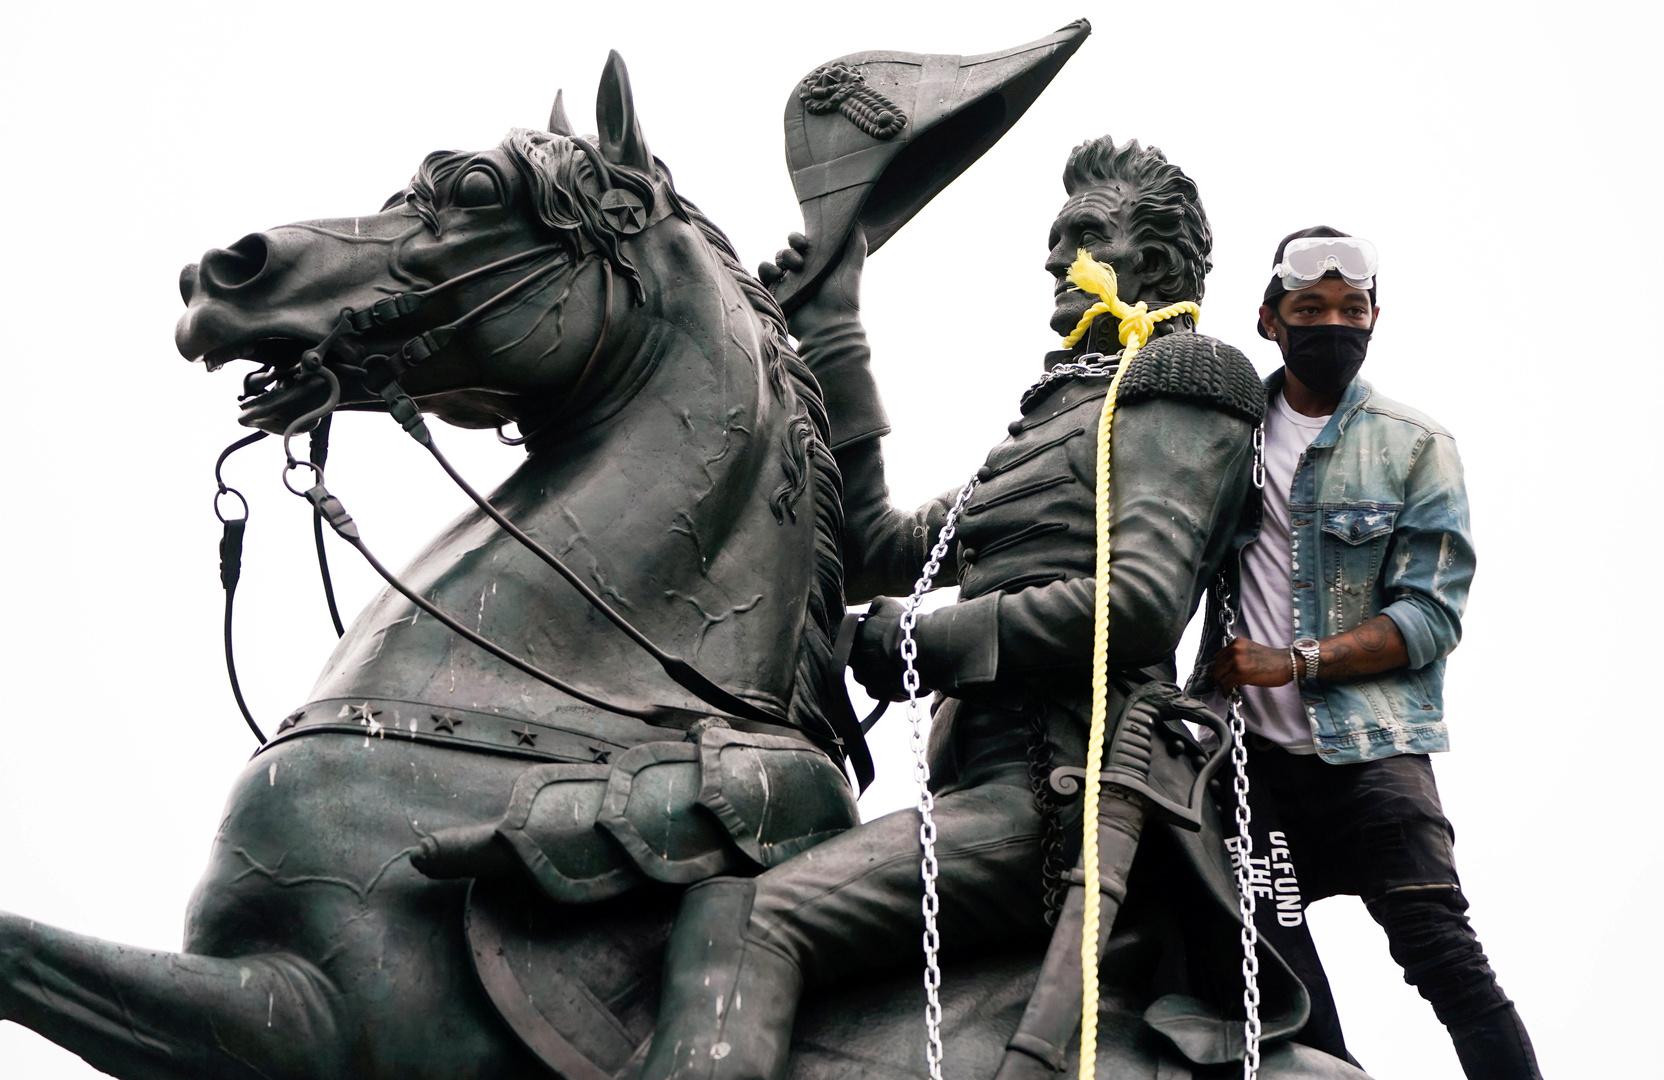 متظاهر يحاول الإطاحة بتمثال الرئيس الأمريكي السابق أندرو جاكسون أمام البيت الأبيض - واشنطن